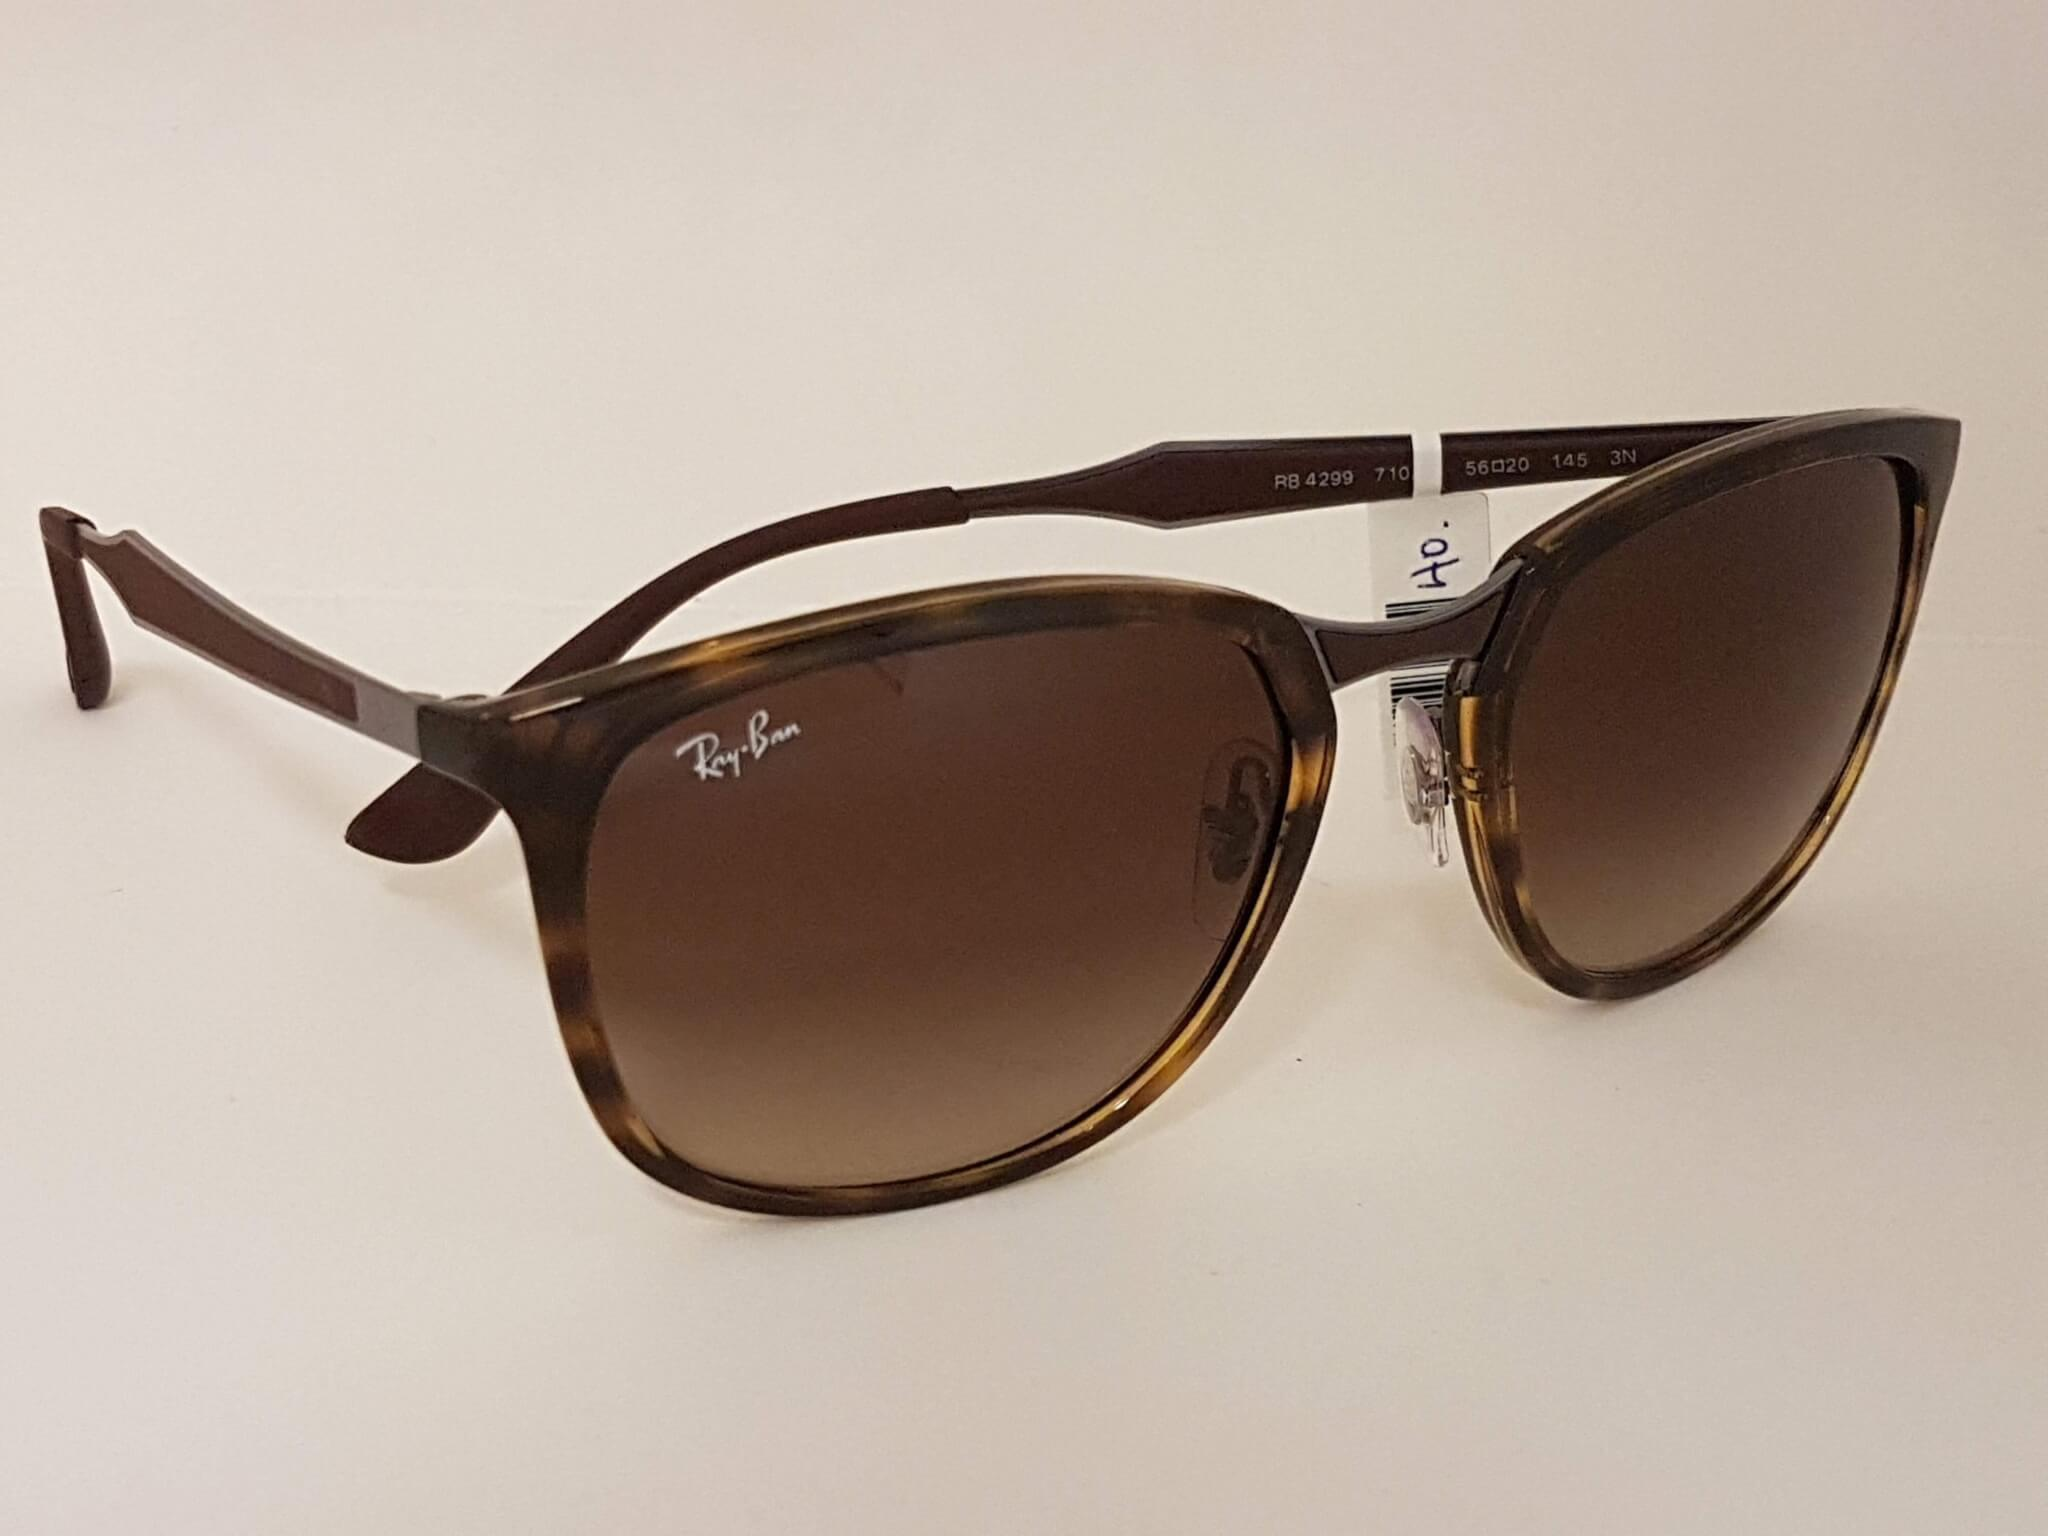 50127f8947 Ray-Ban solbrille 4299 – Gol Optikk